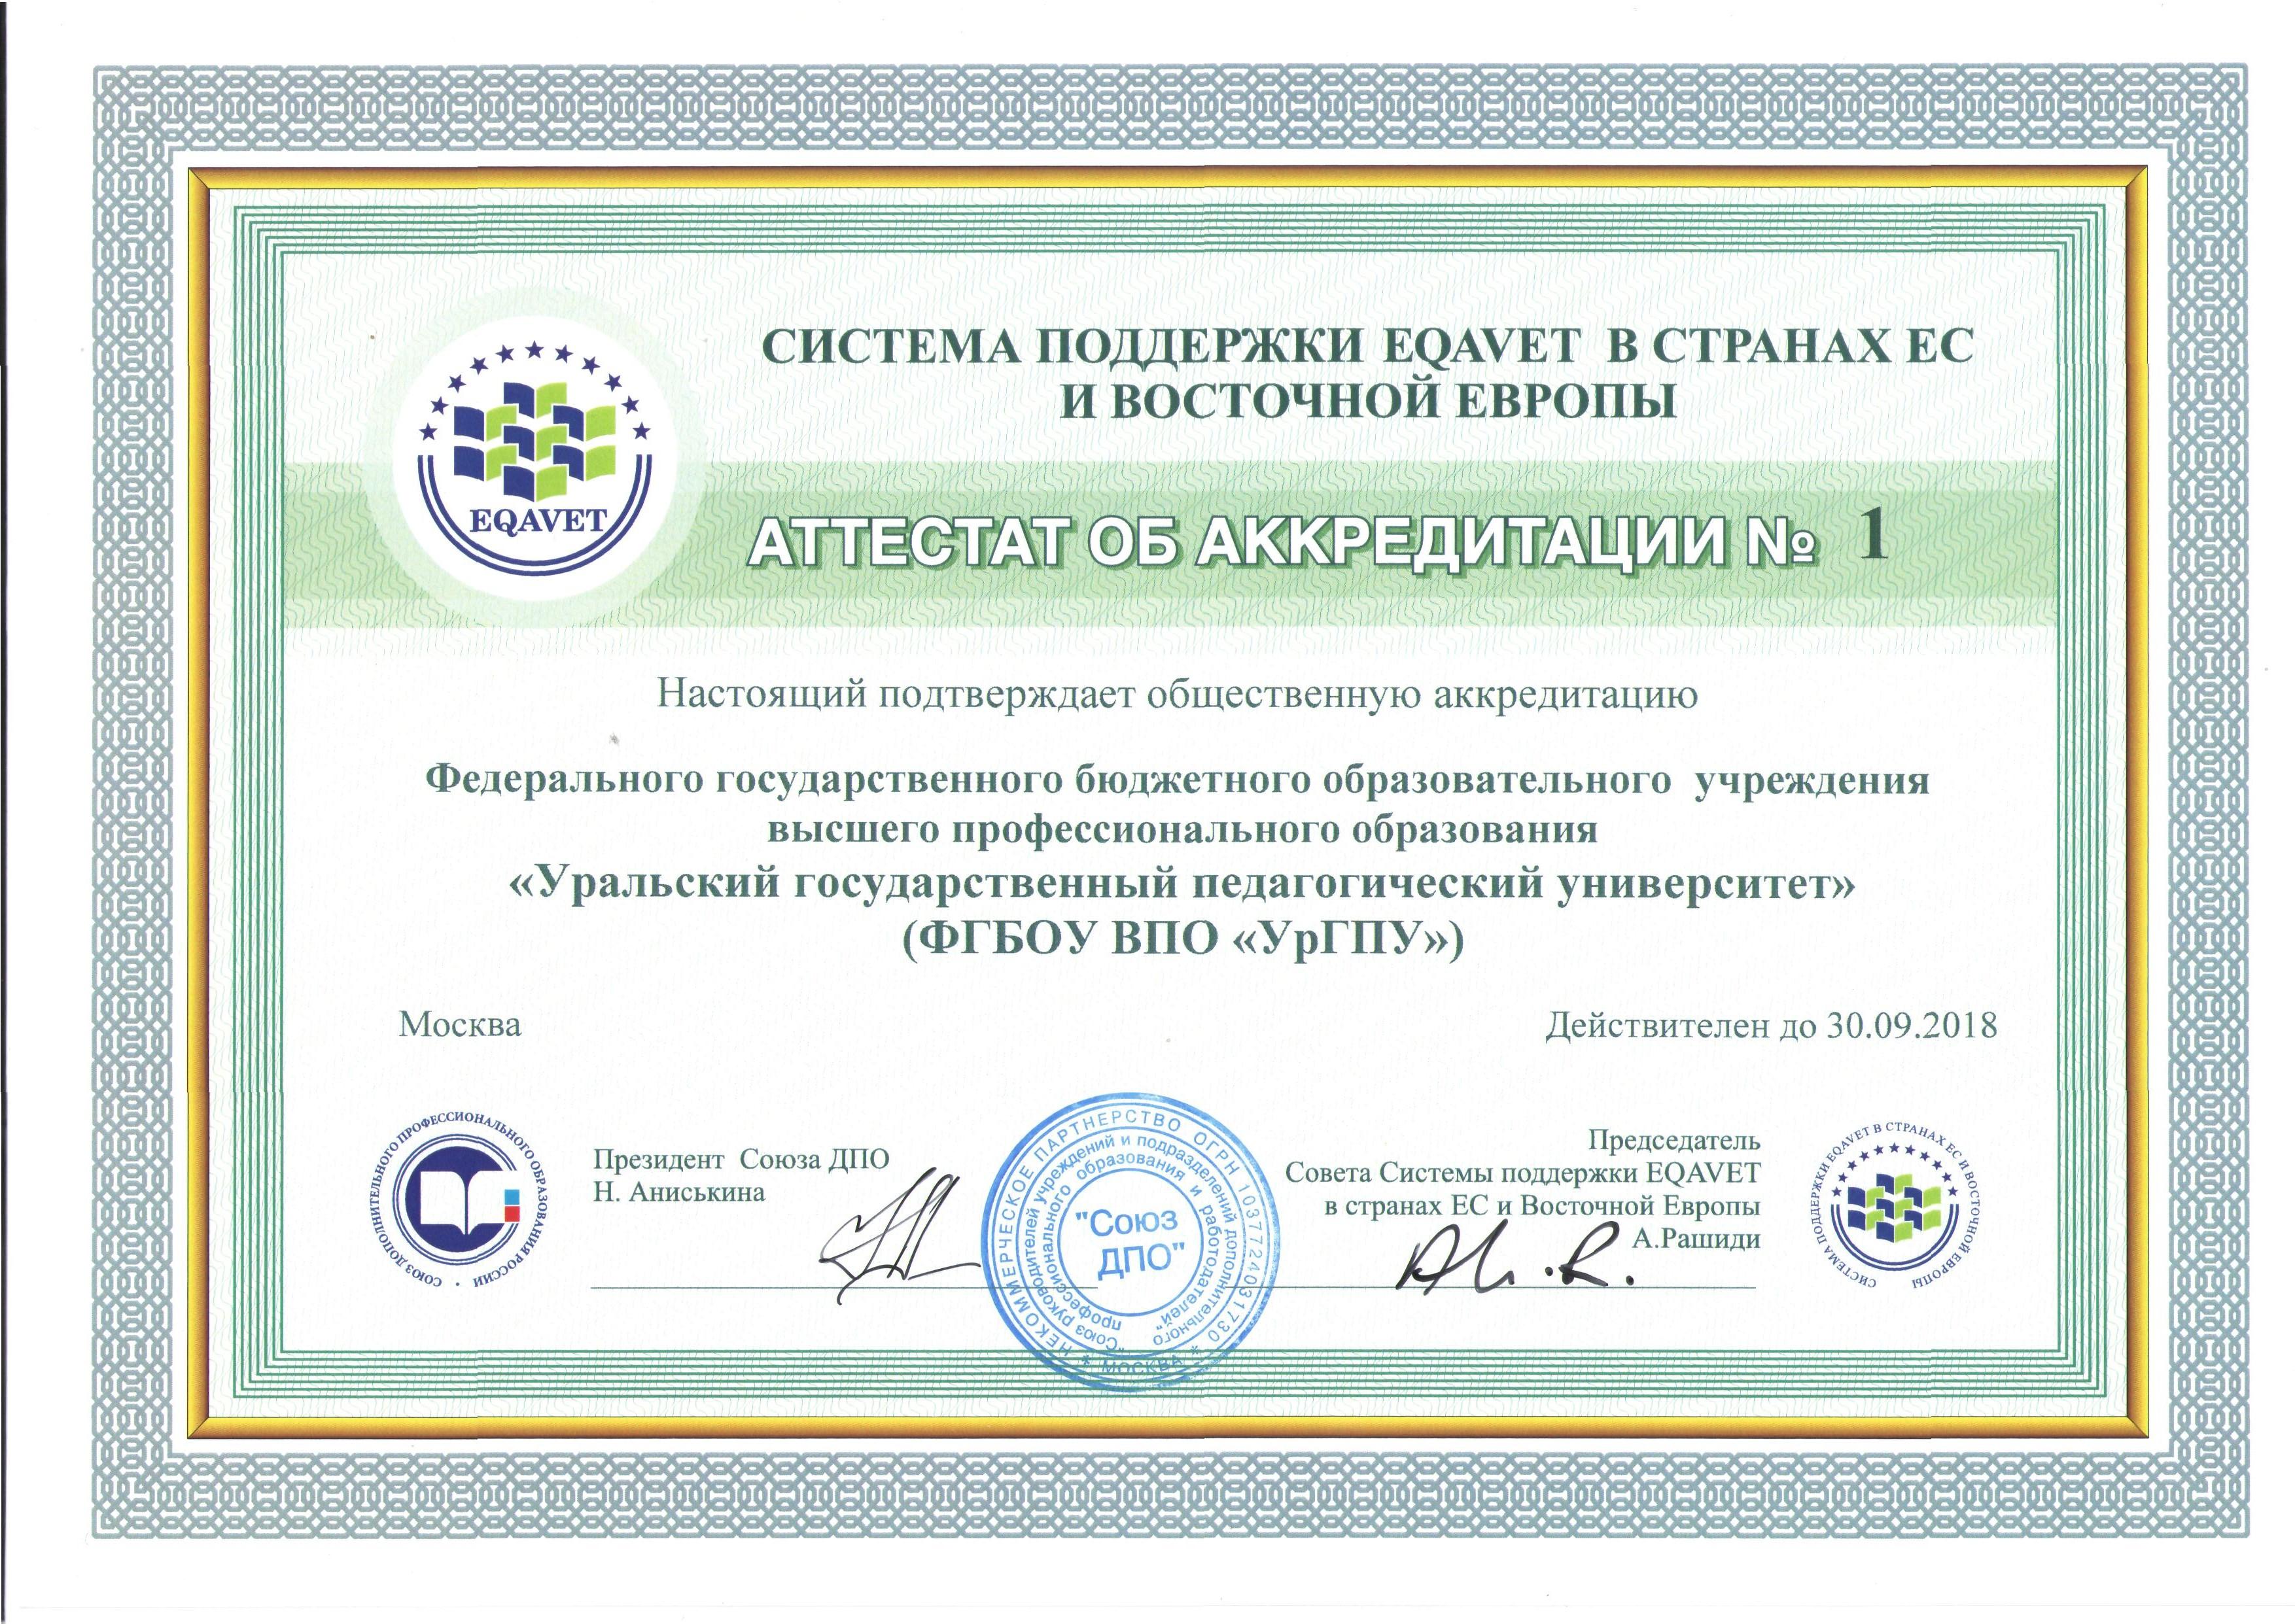 сертификат УрГПУ рус